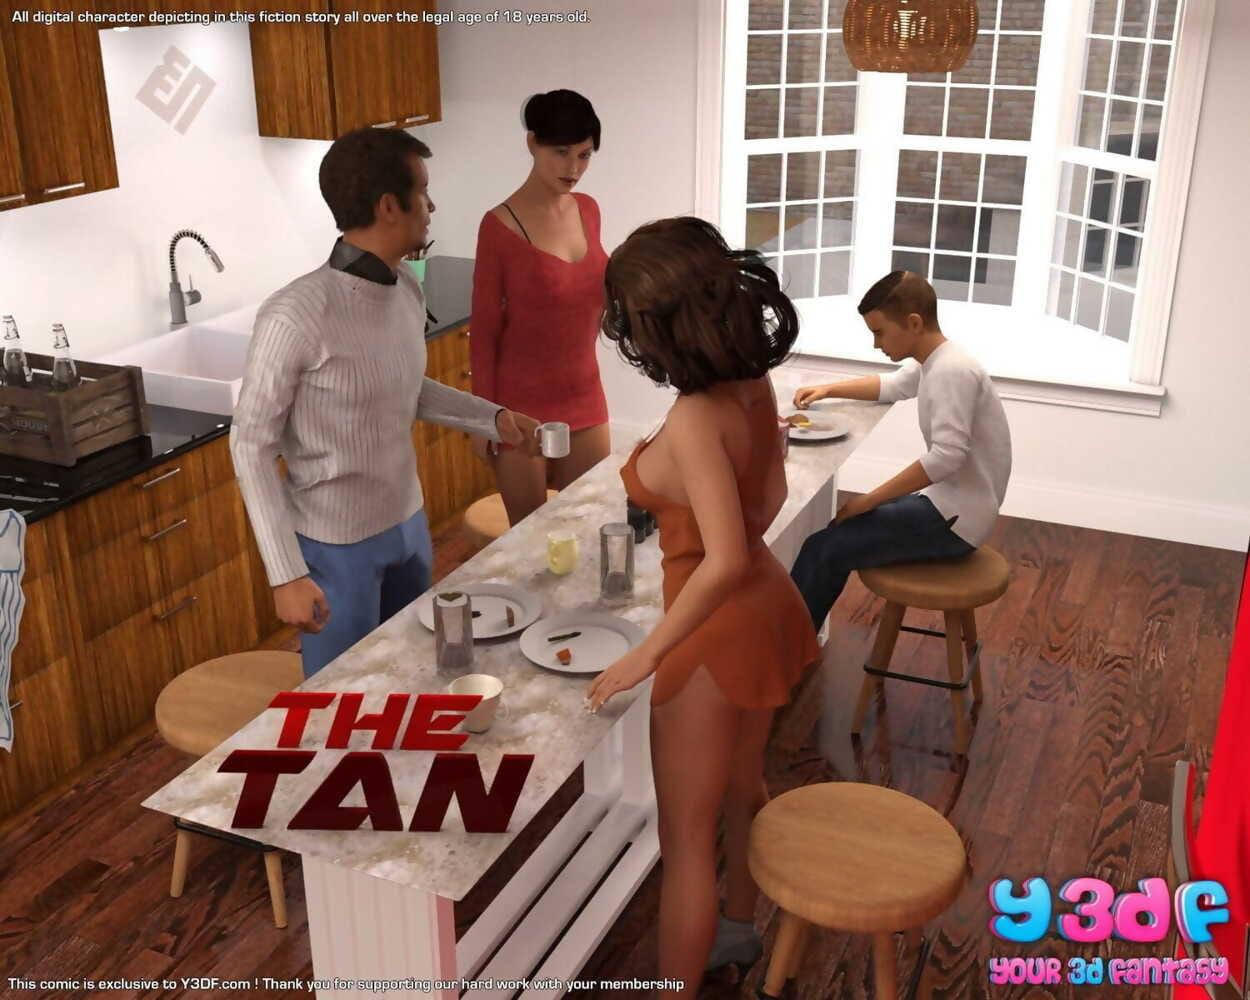 Y3DF- The Tan